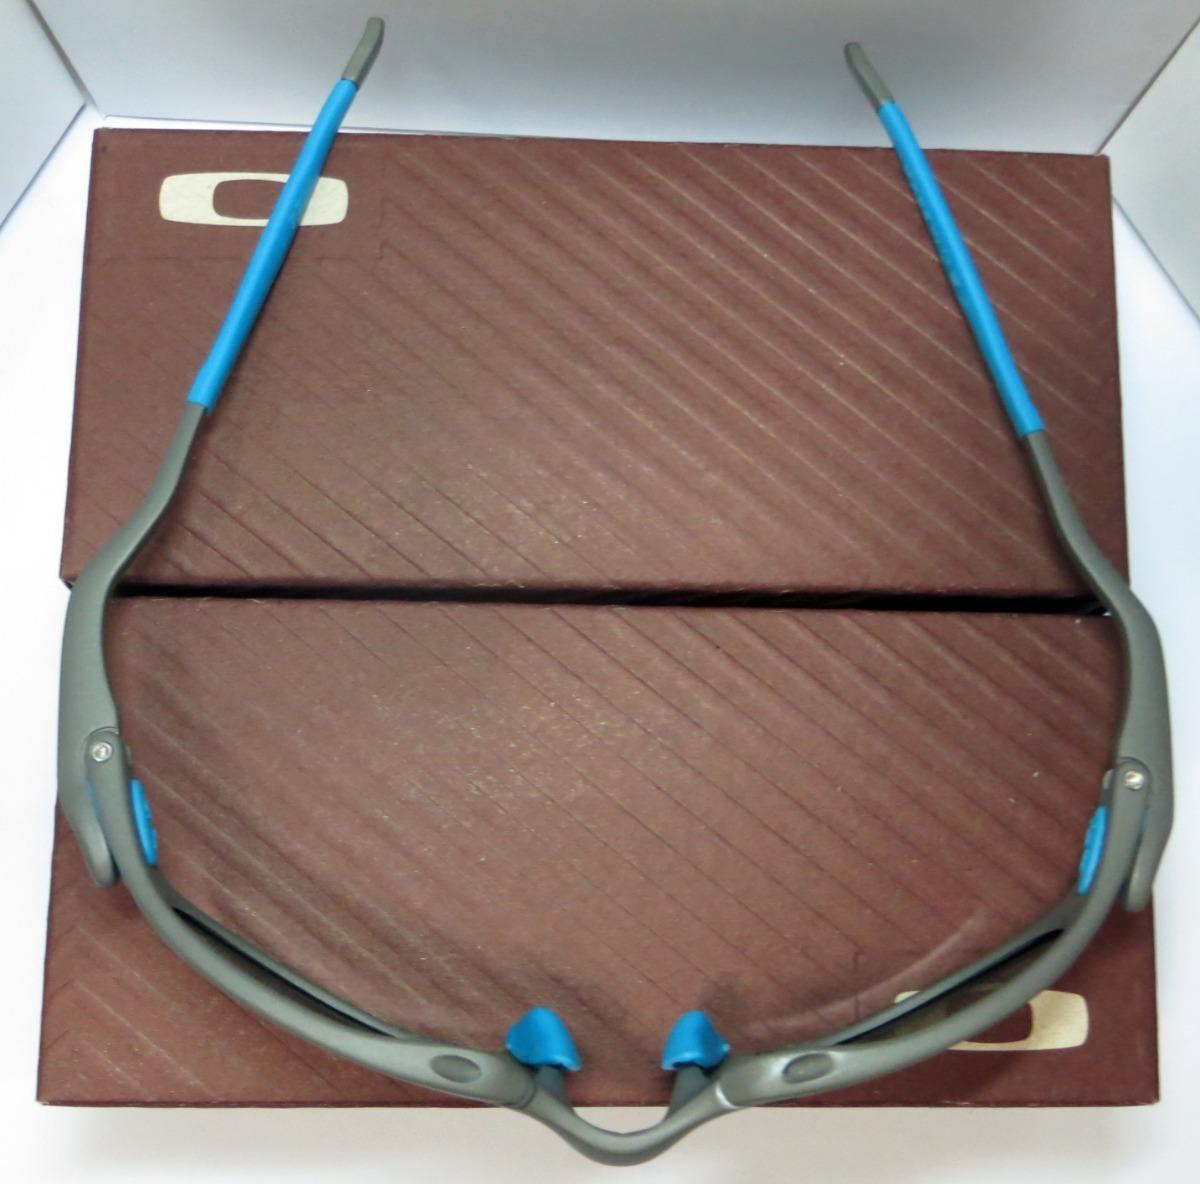 ef8f3965fffb3 óculos oakley romeo 1   xmetal   blue neon + par de lentes. Carregando zoom.